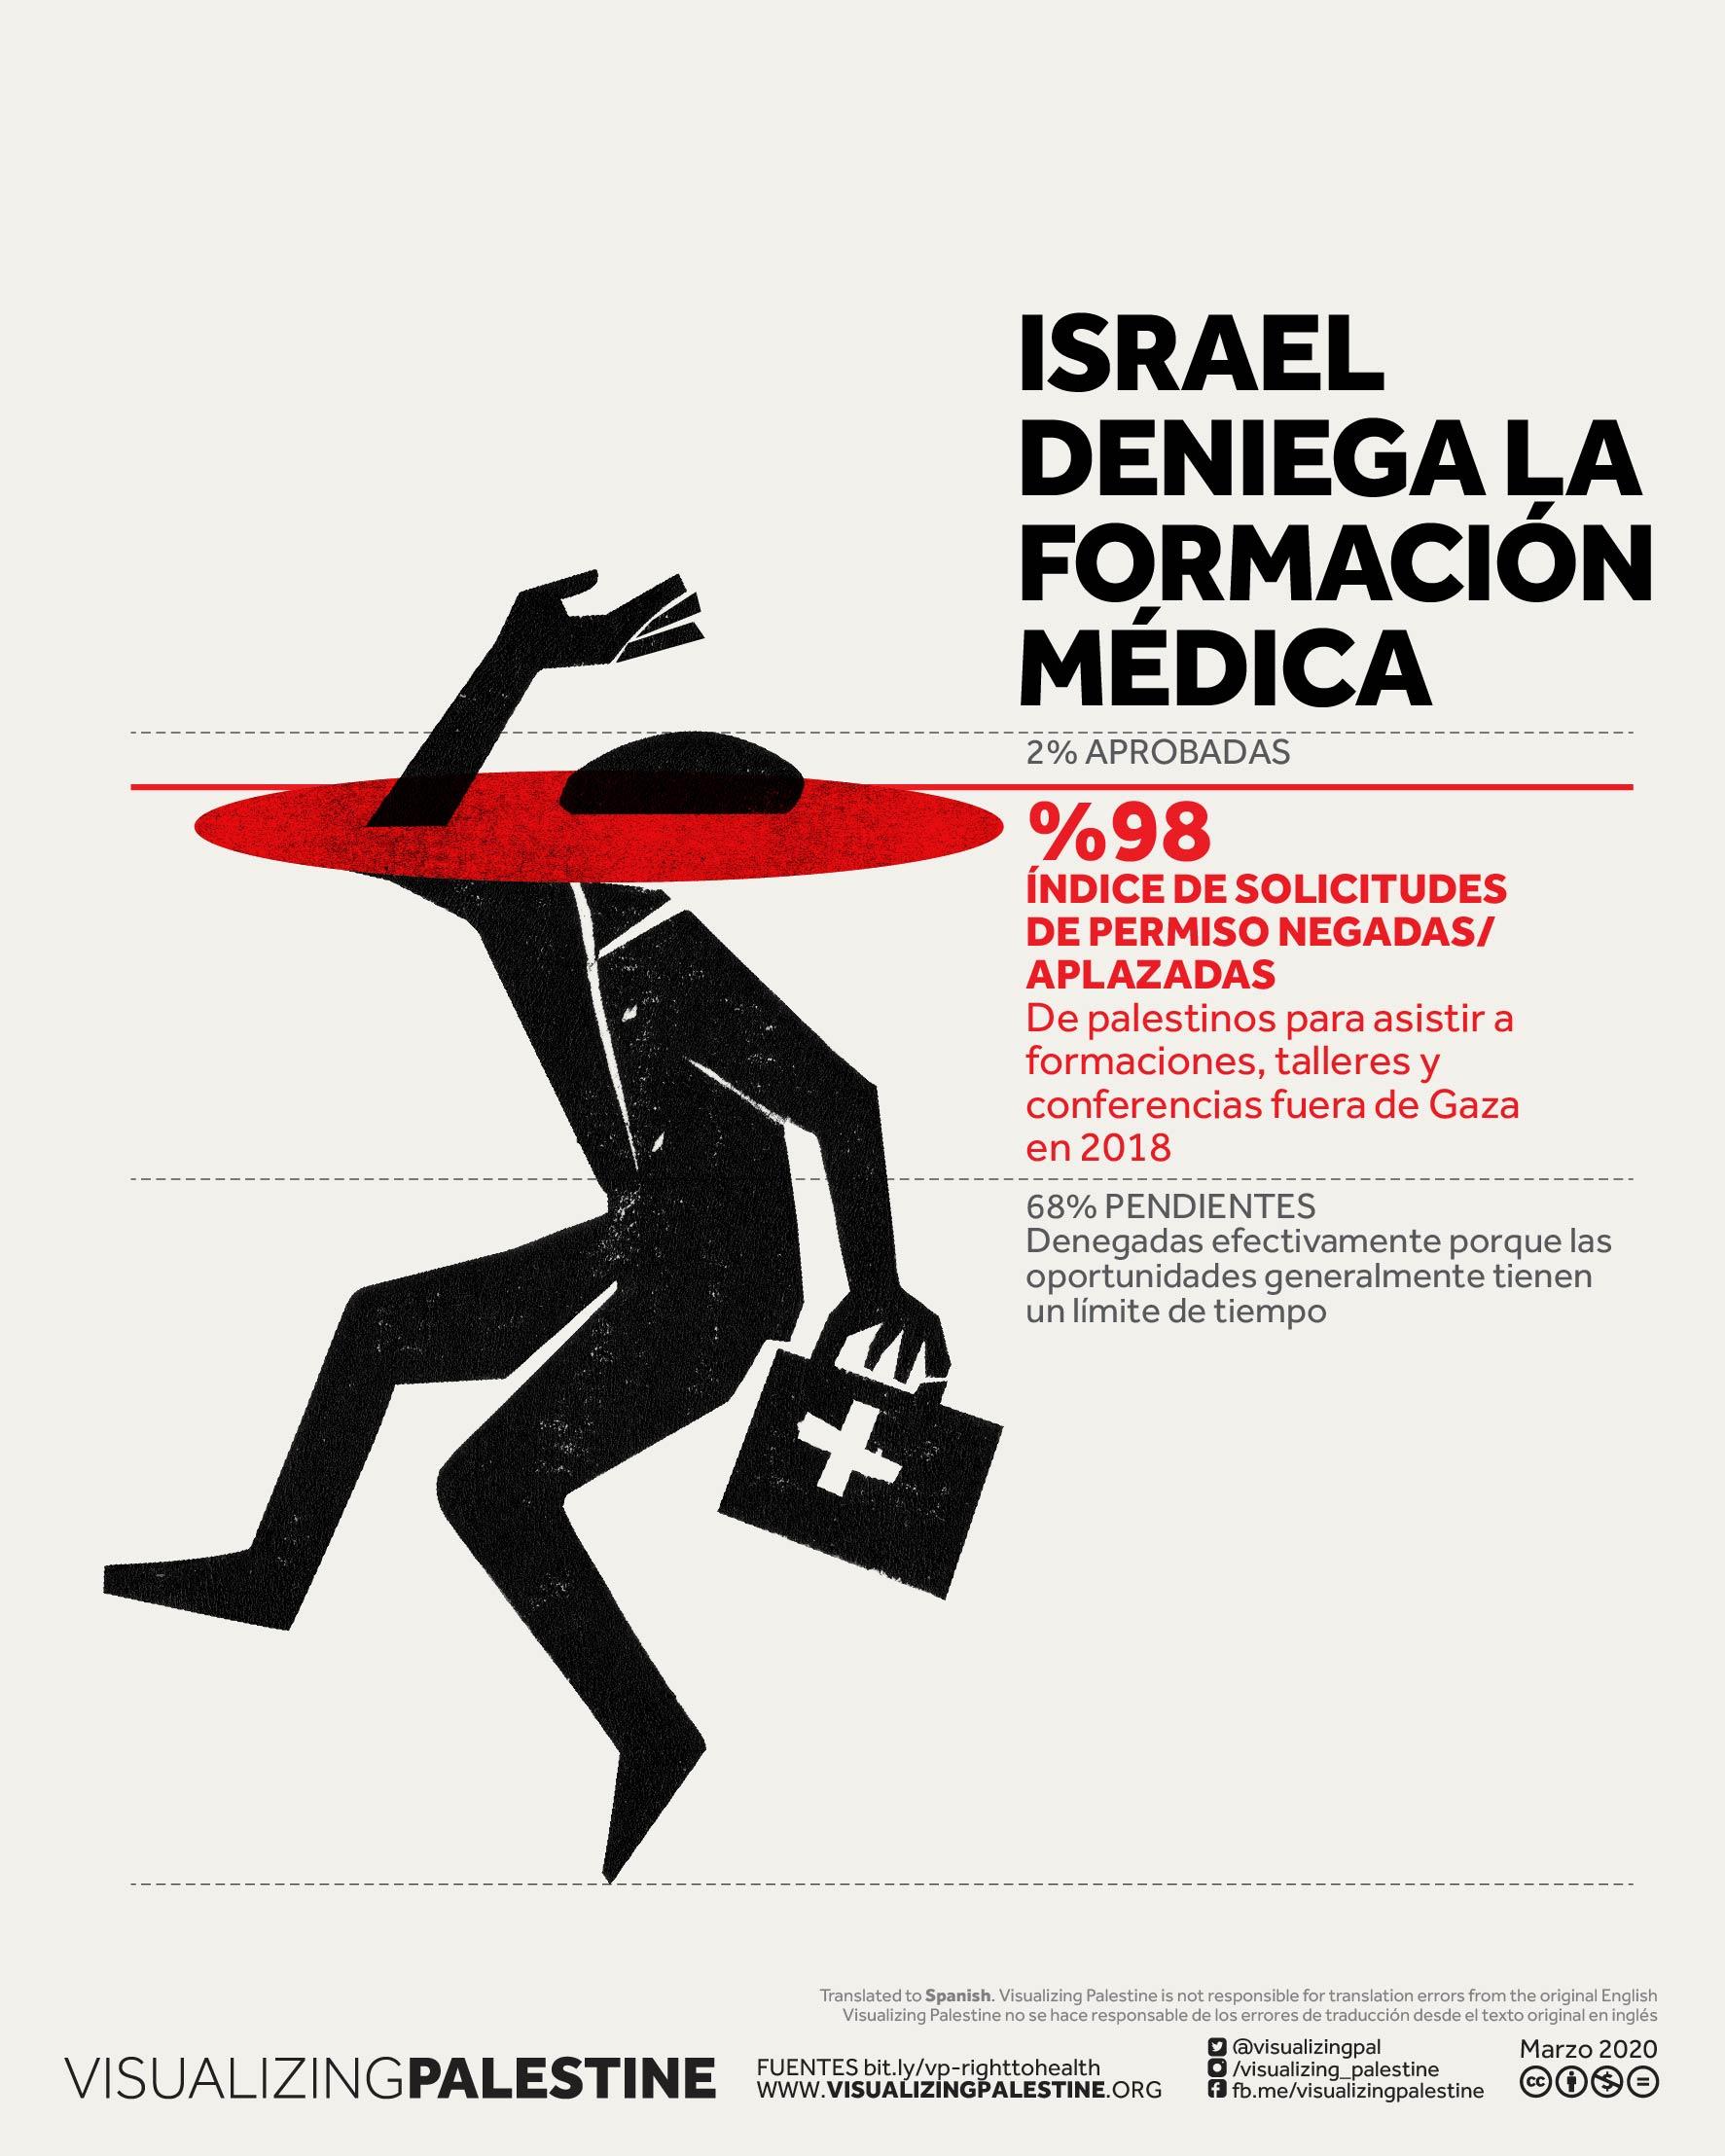 Israel deniega la formación médica